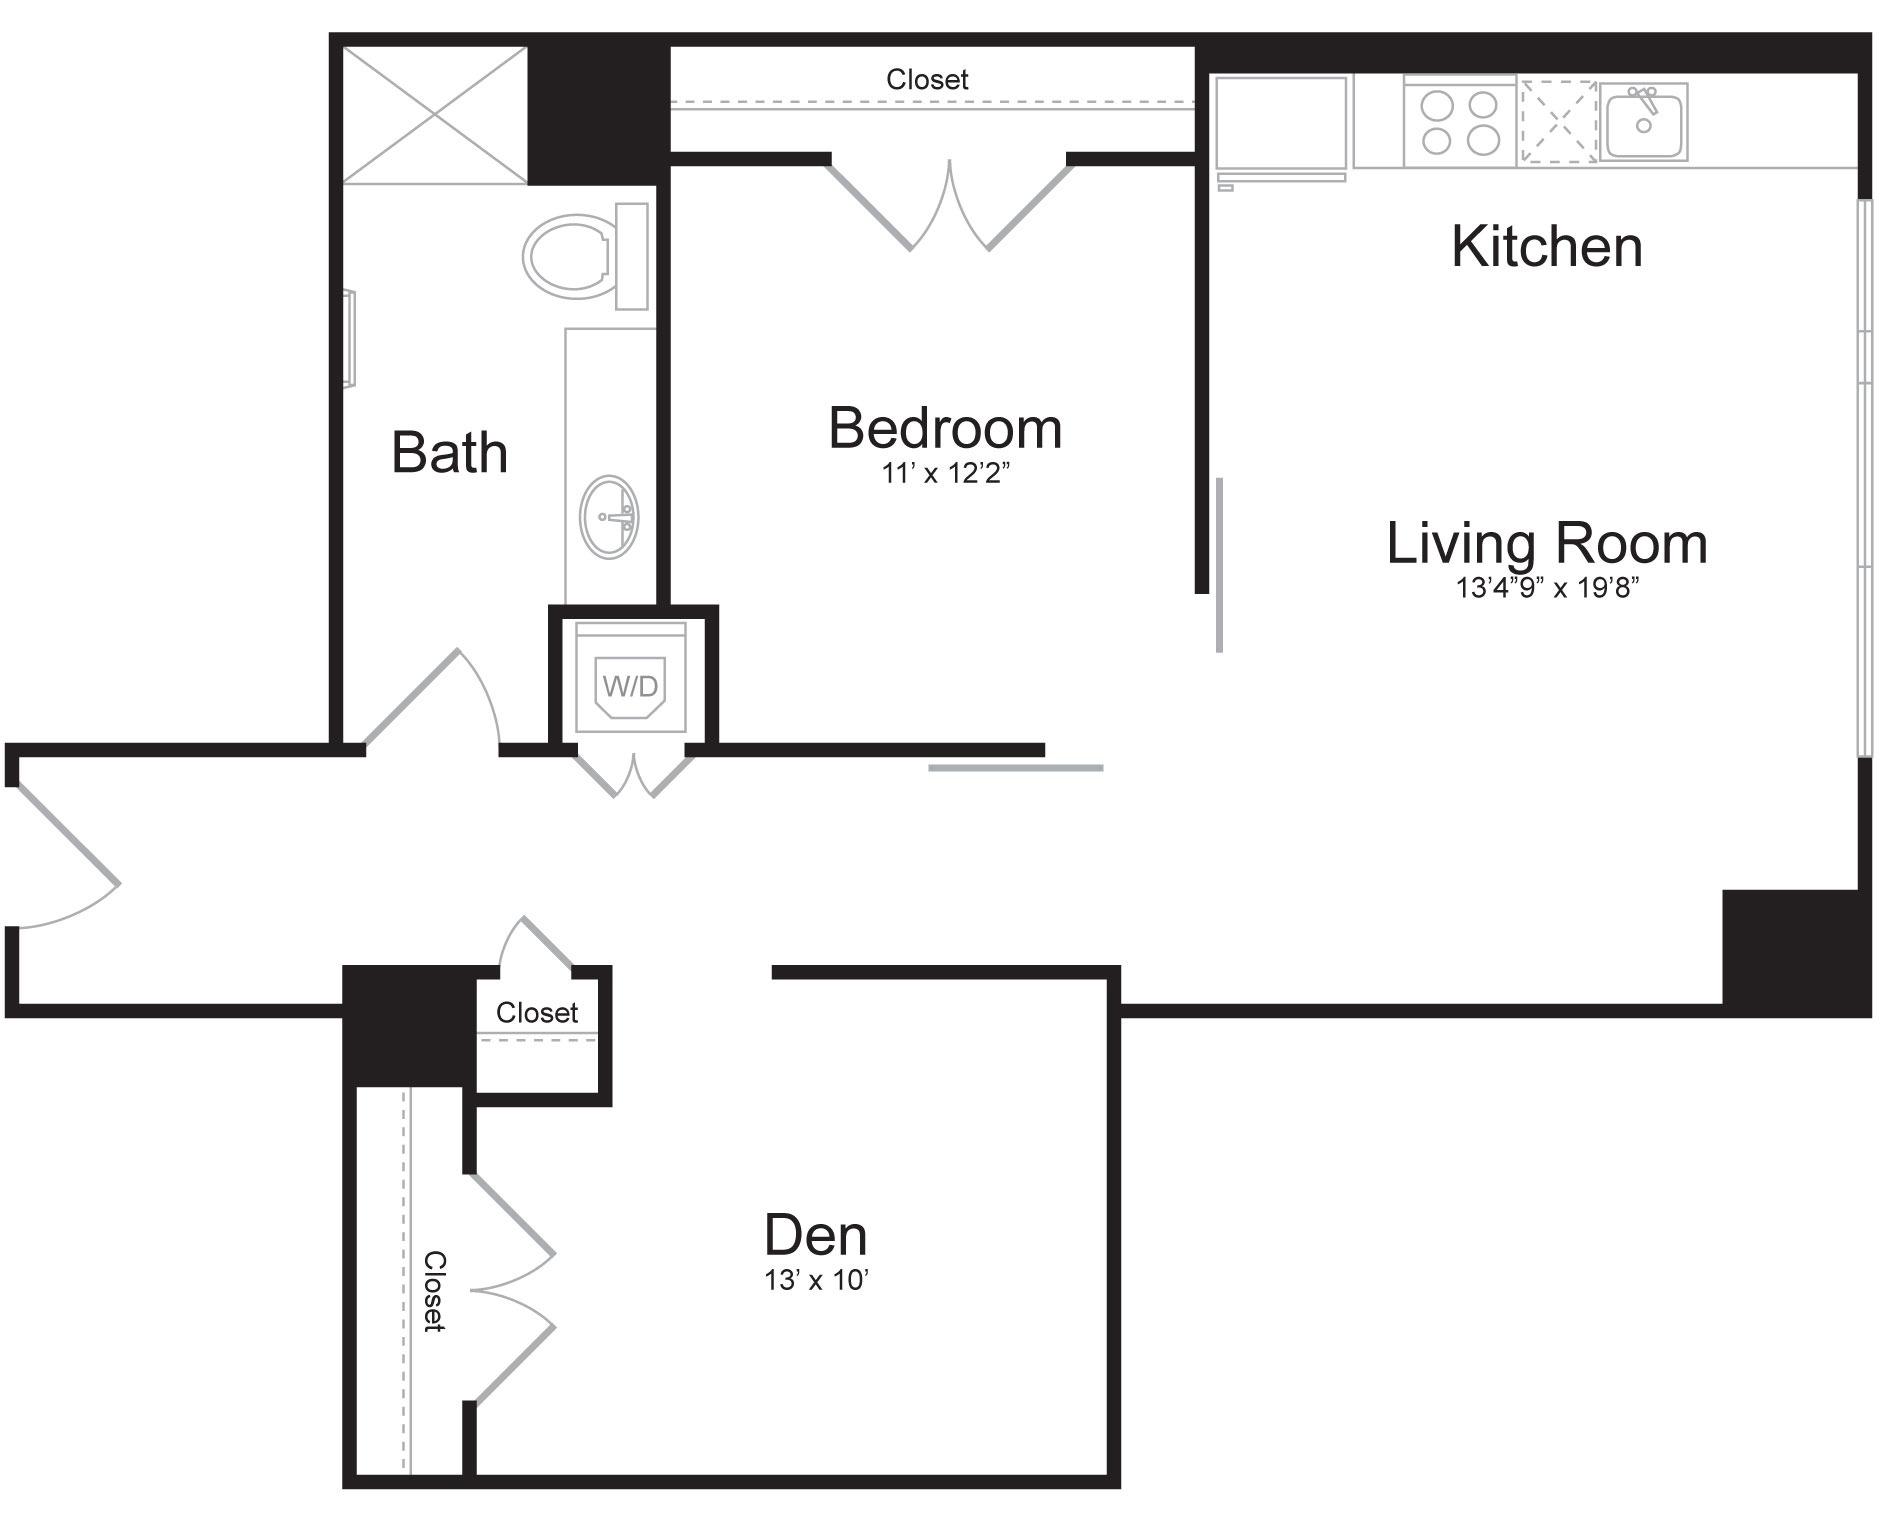 E4 - 2 Bed 2 Bath - 995 SF